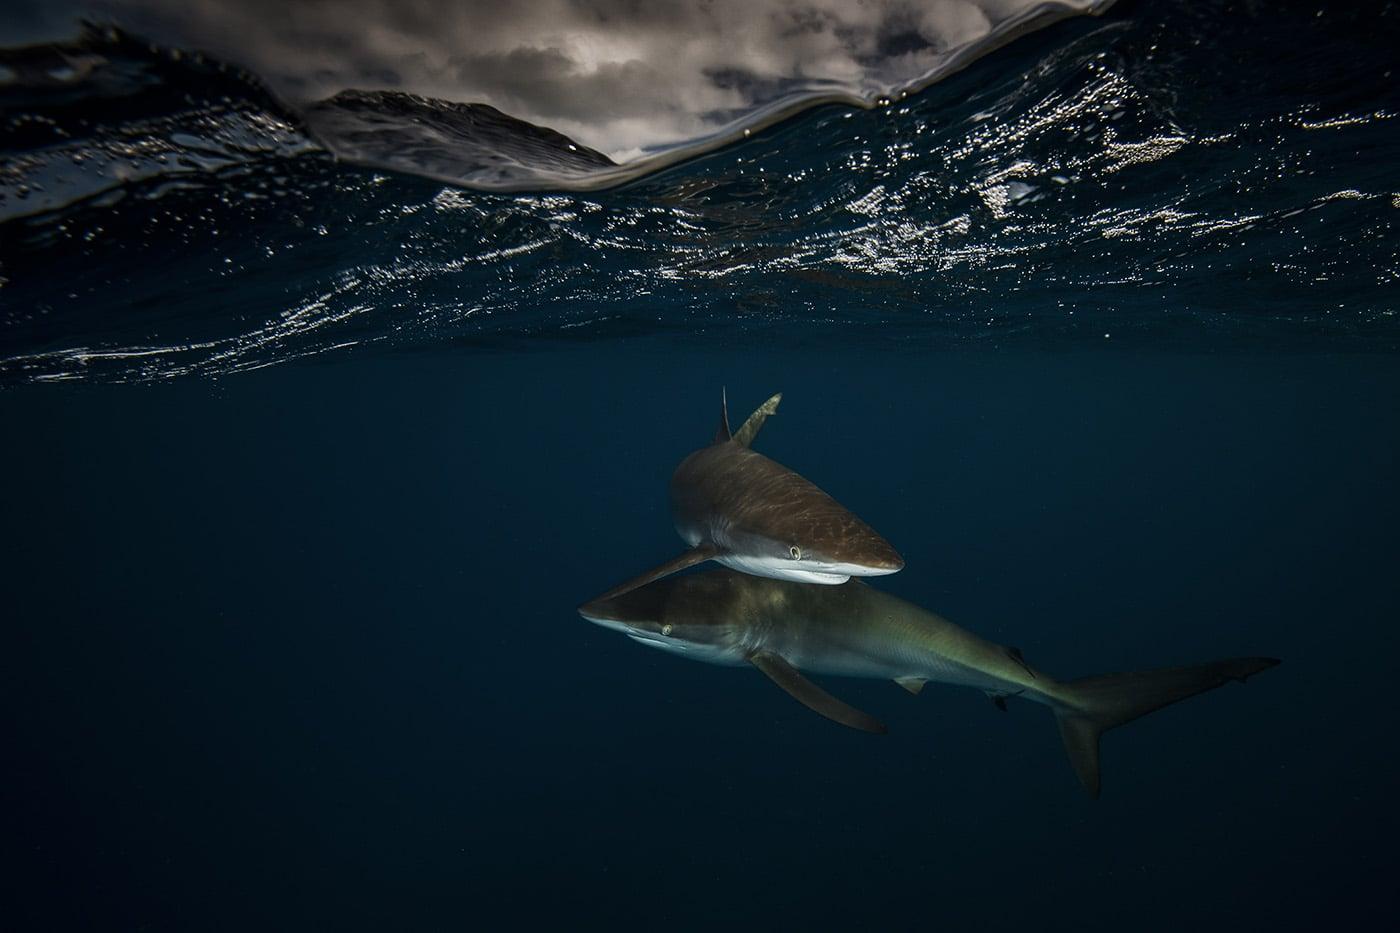 sharks half underwater picture